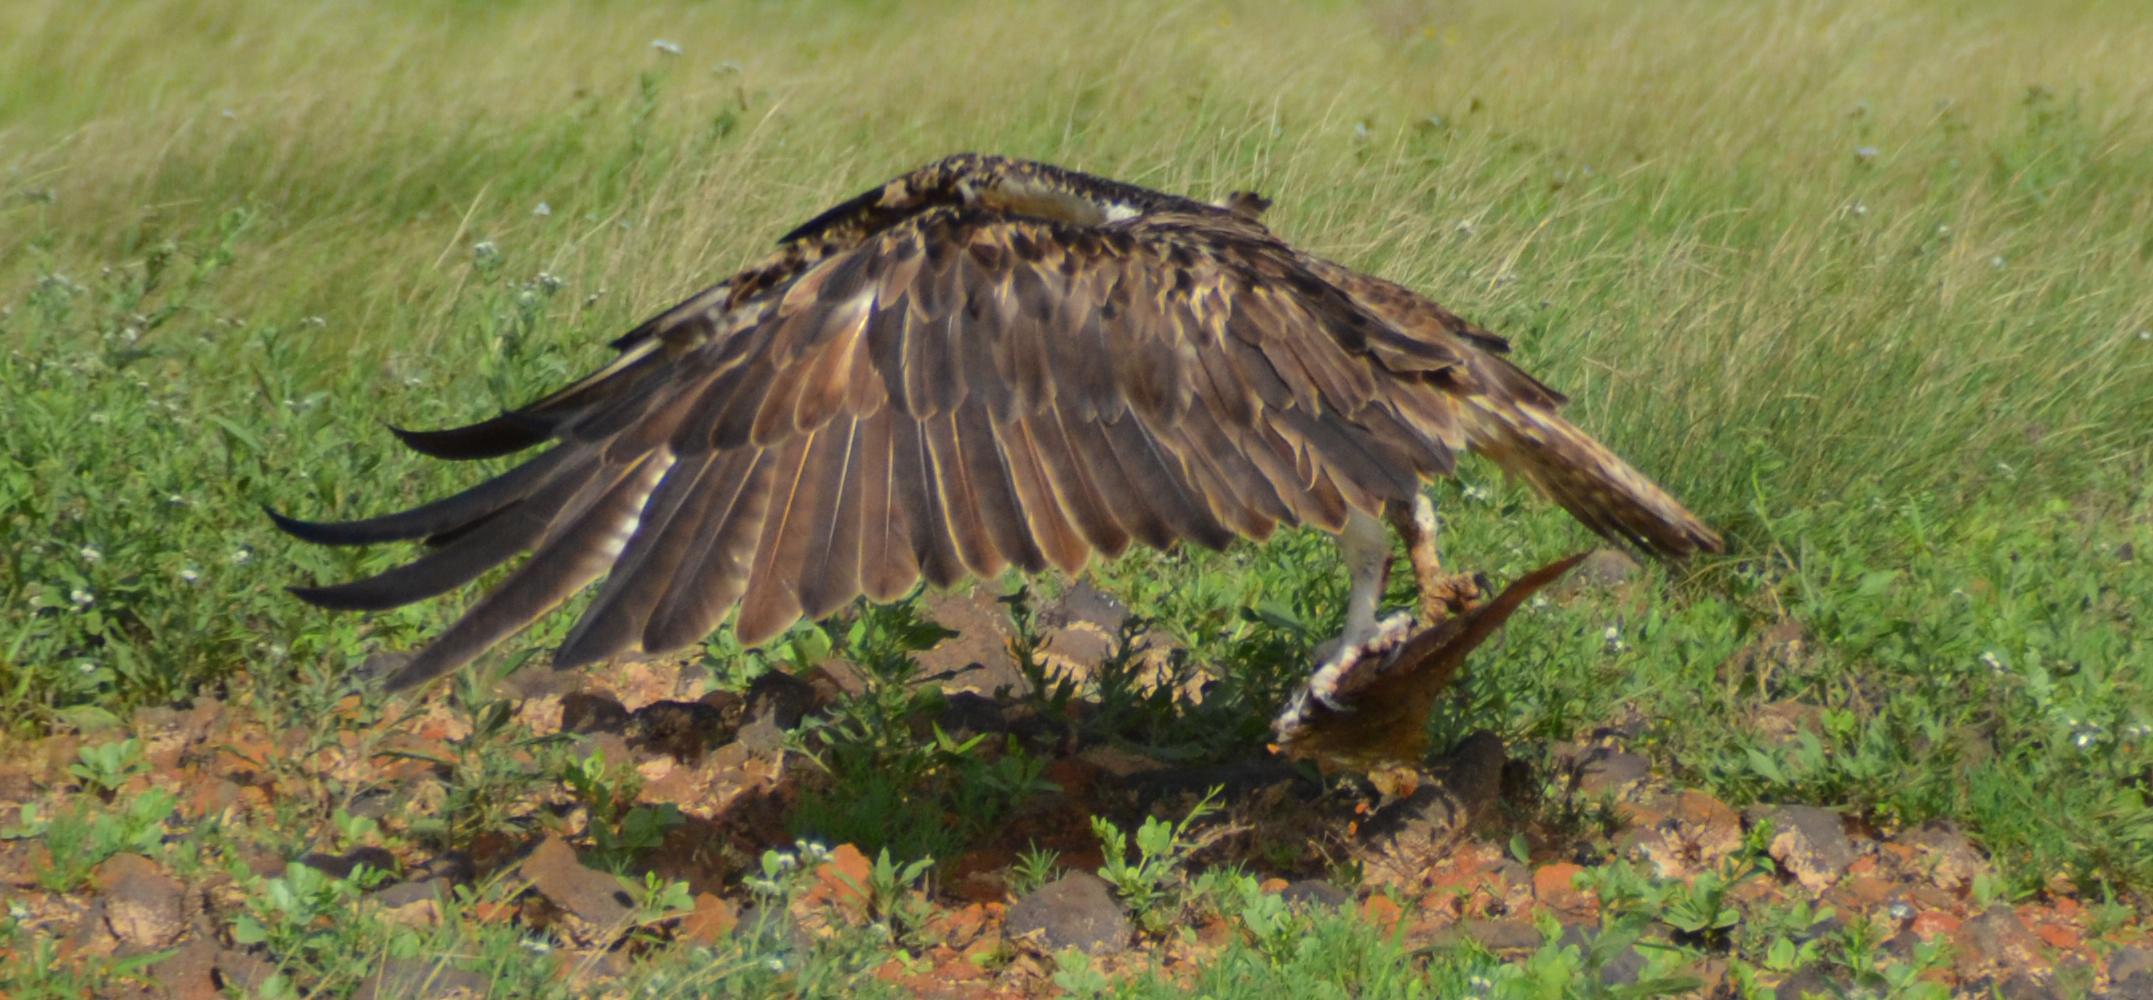 Seeadler mit vollem Flügelschwung